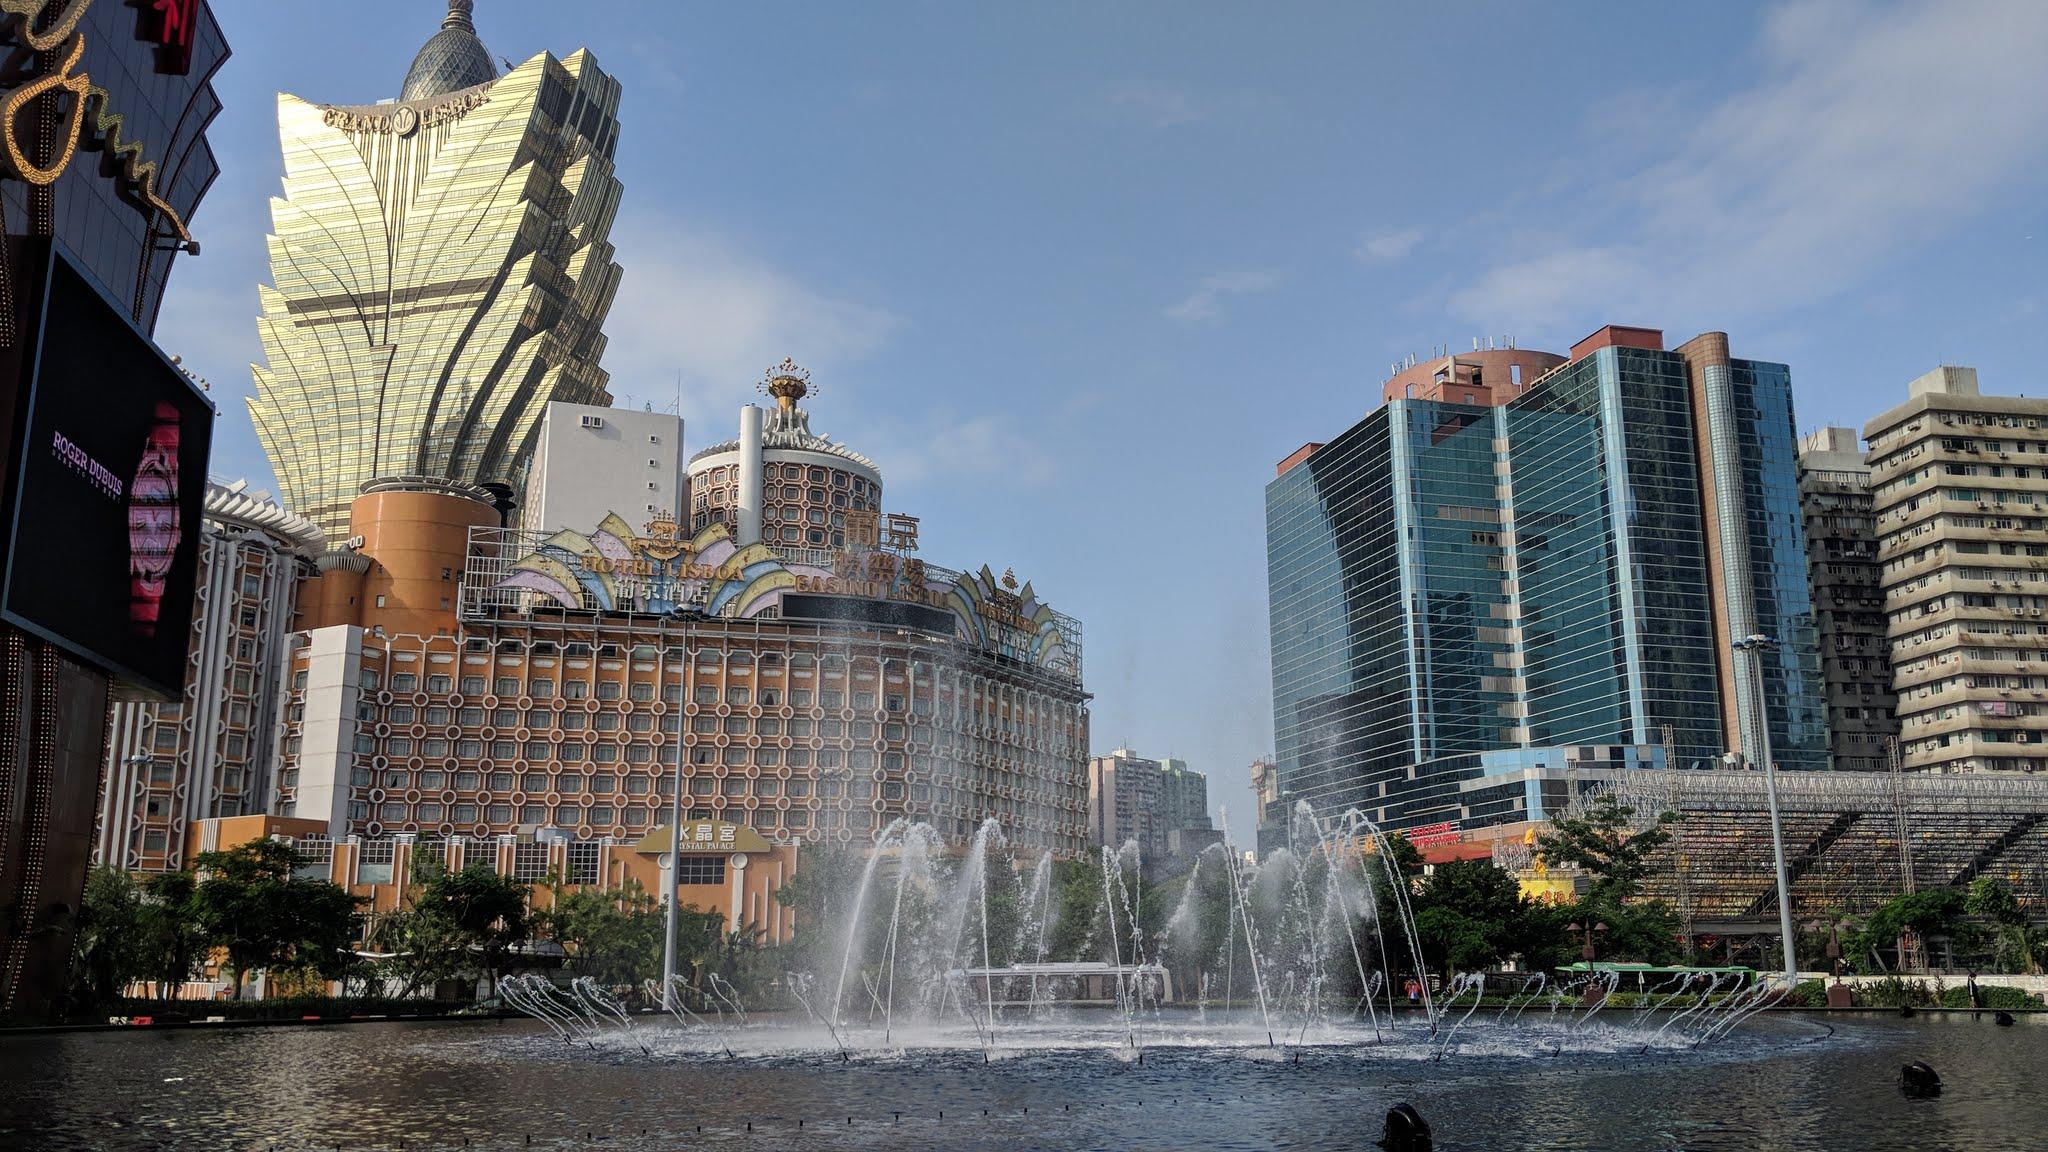 Macau Henry Poon S Blog